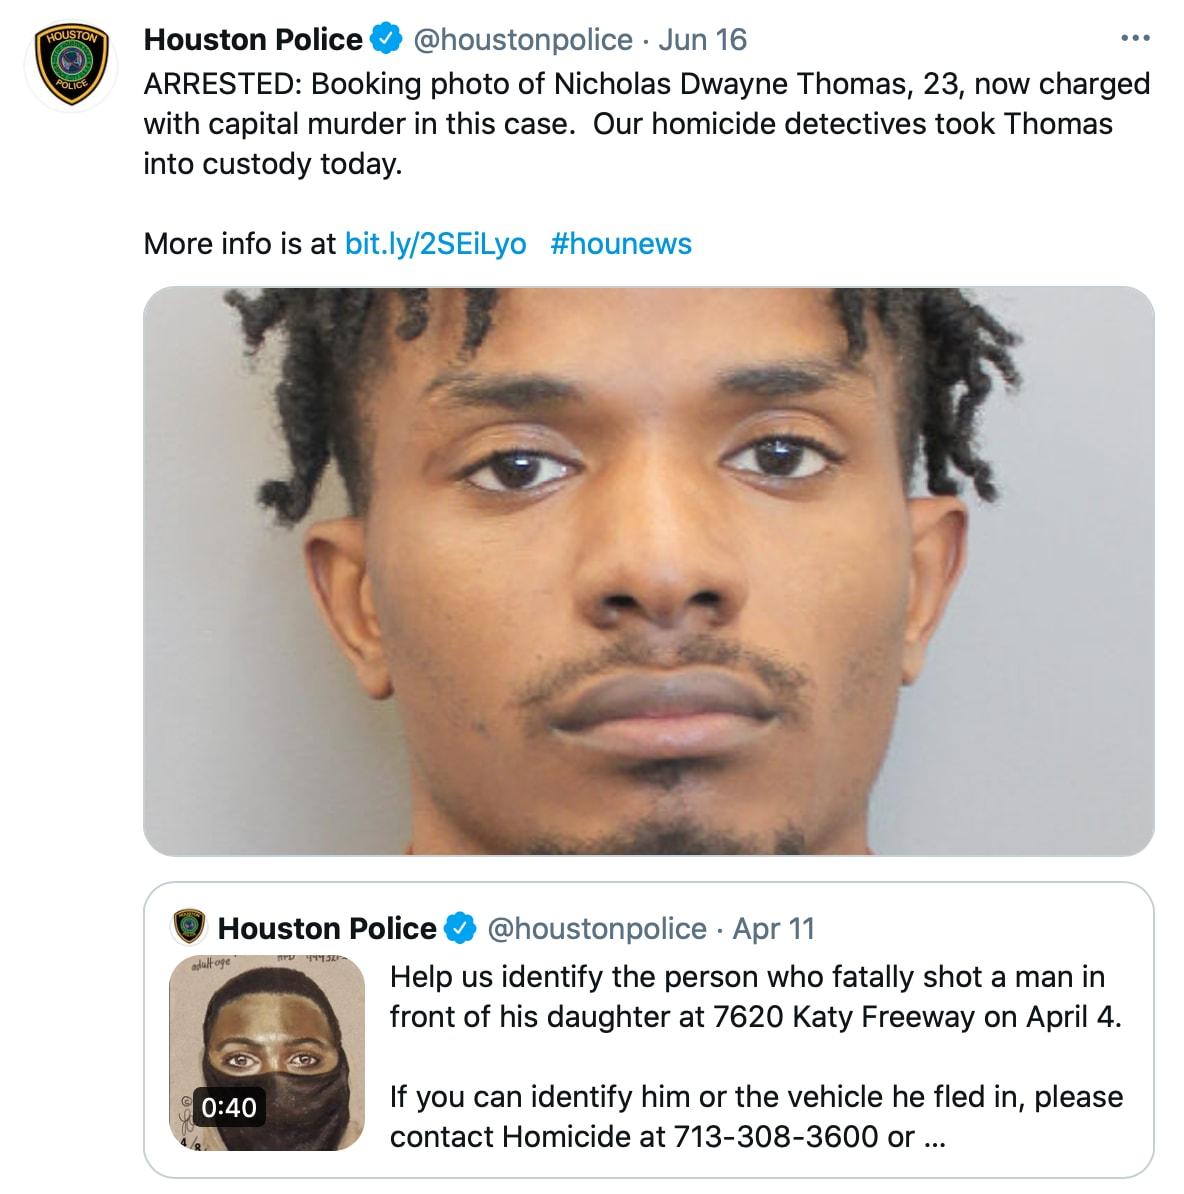 La policía de Houston arrestó al afroamericano